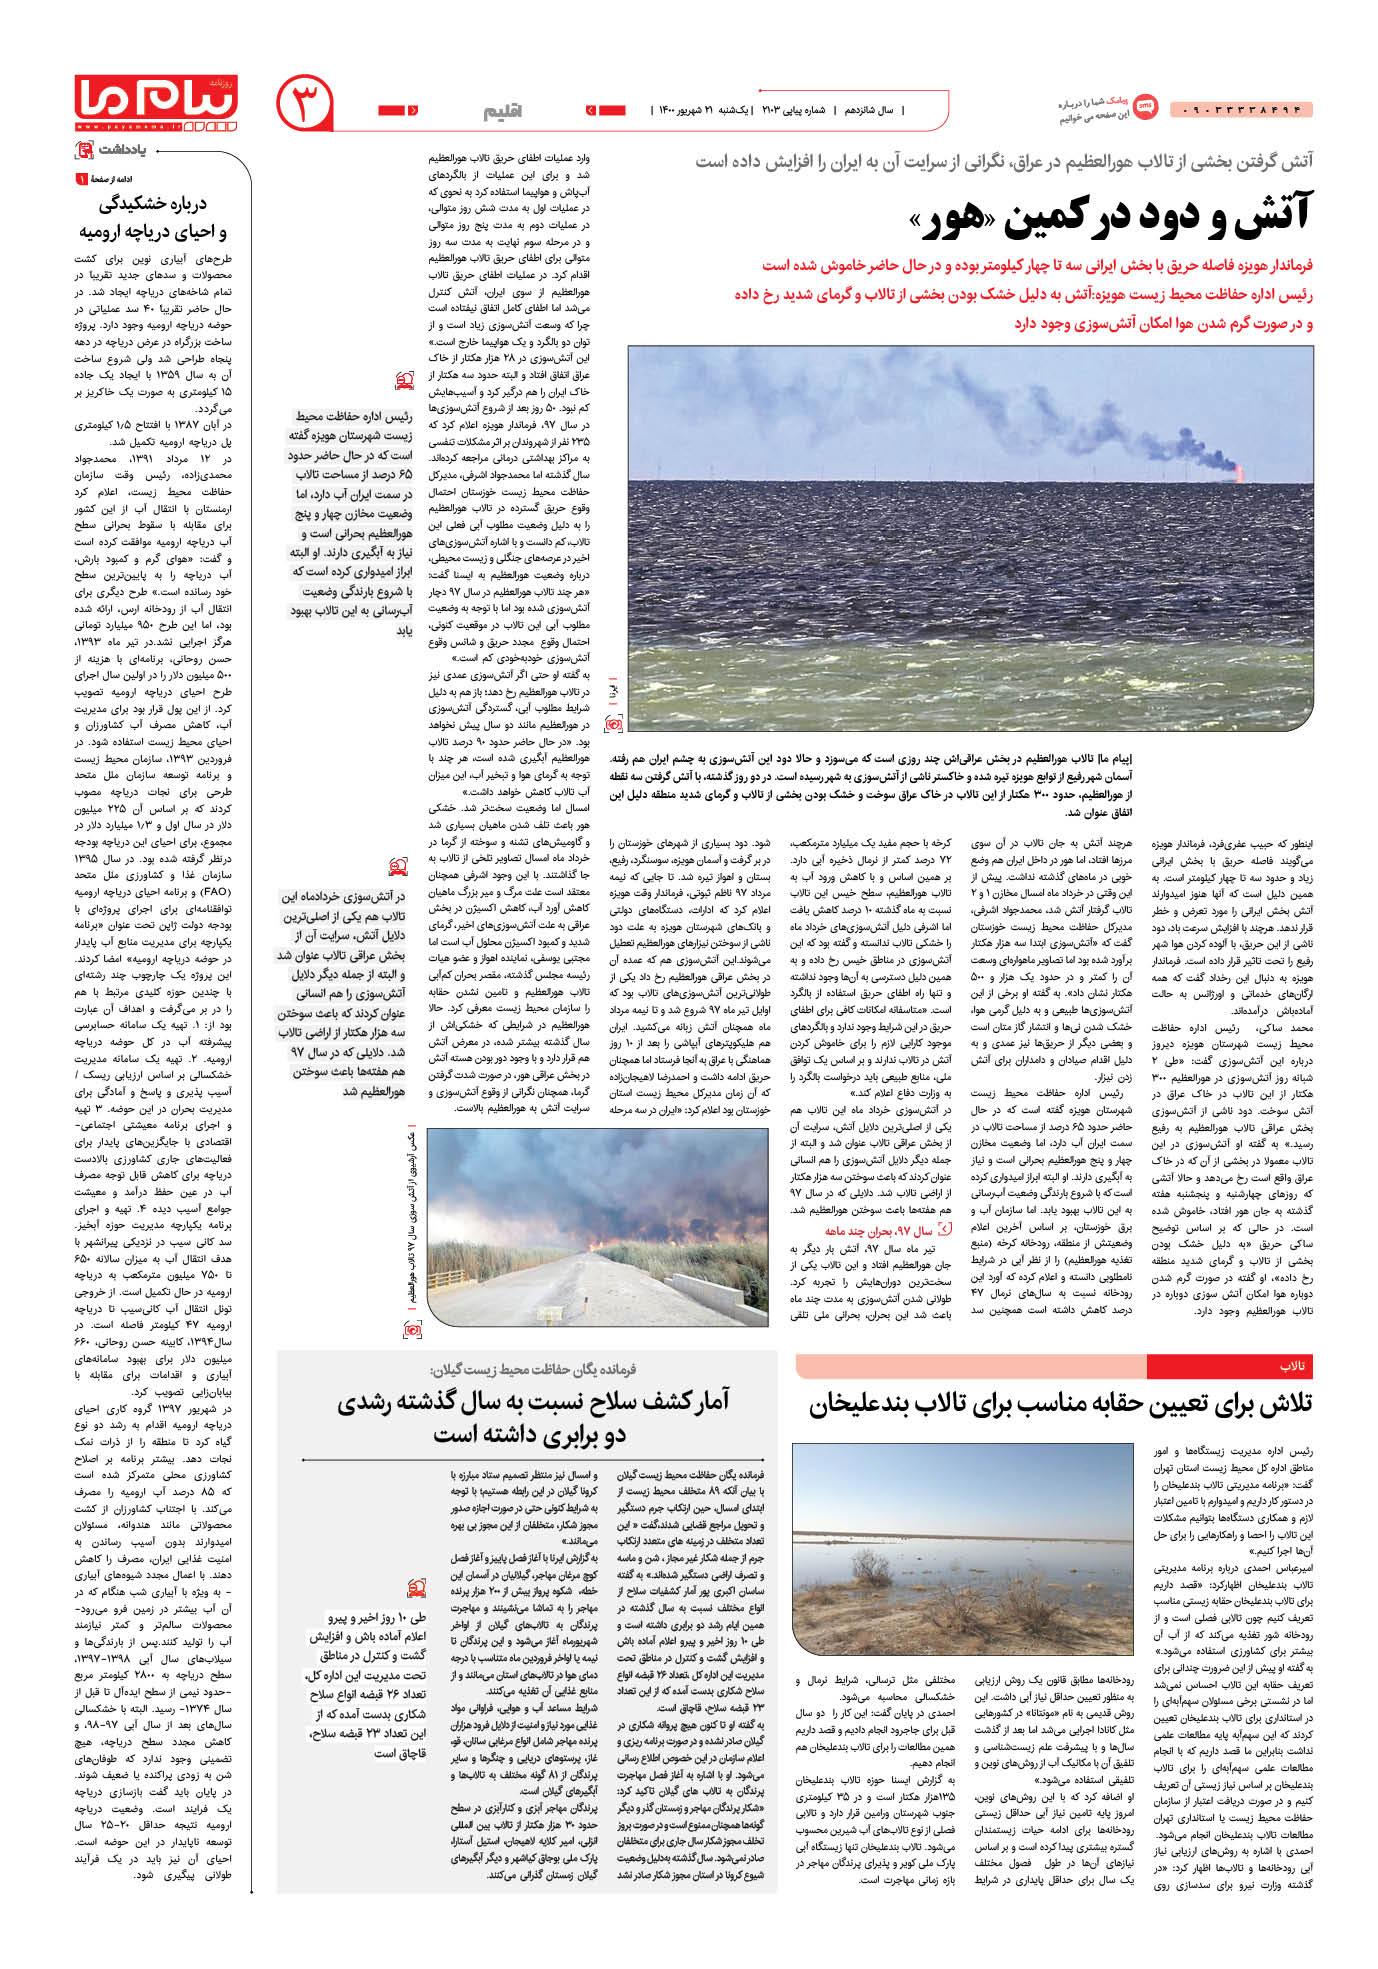 صفحه اقلیم شماره 2103 روزنامه پیام ما